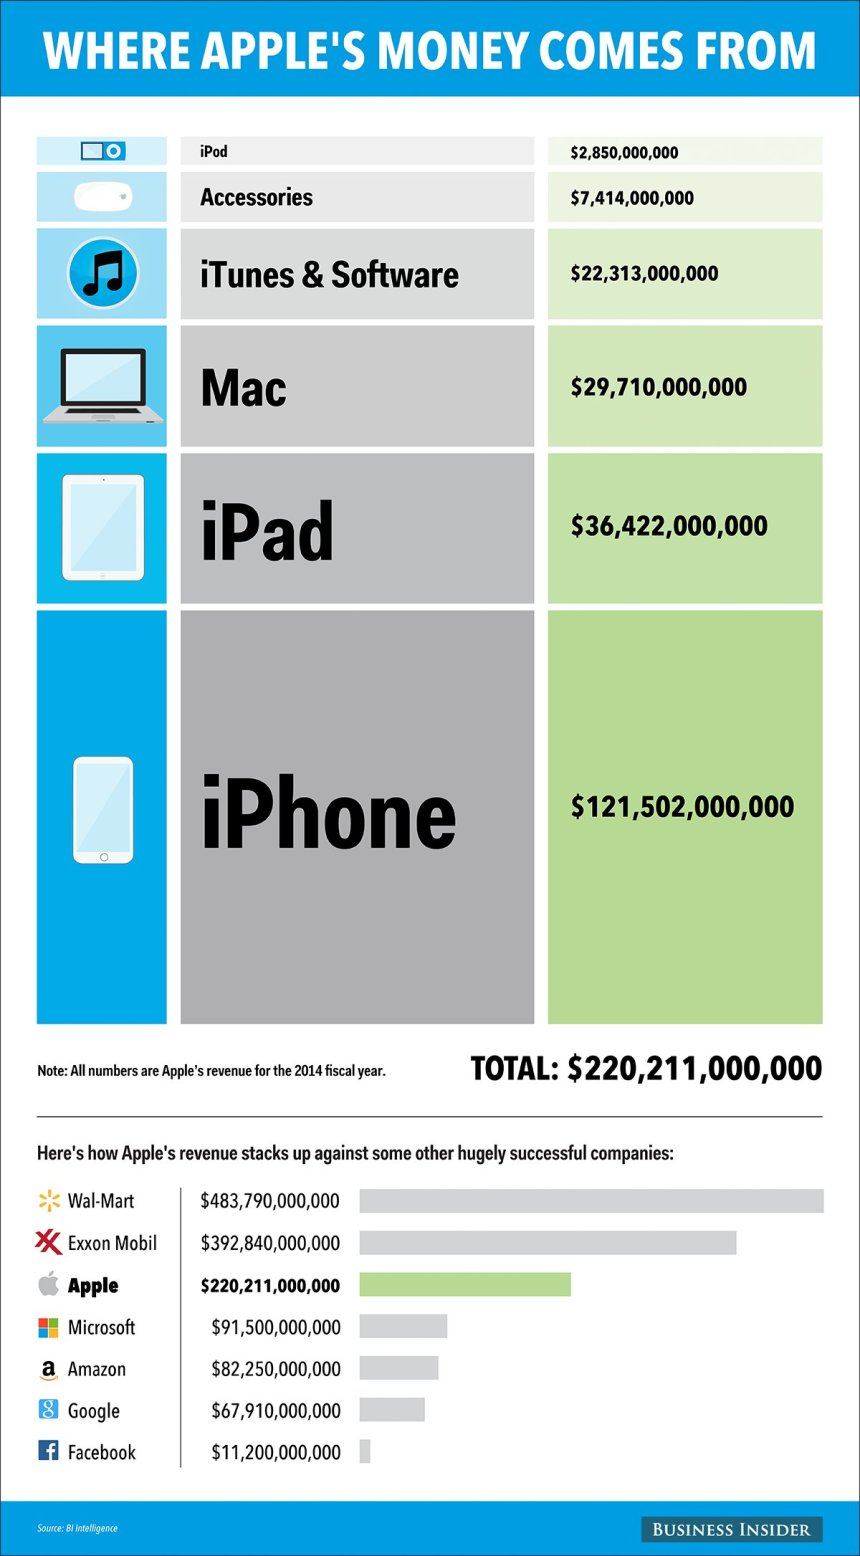 De dónde sale el dinero de Apple